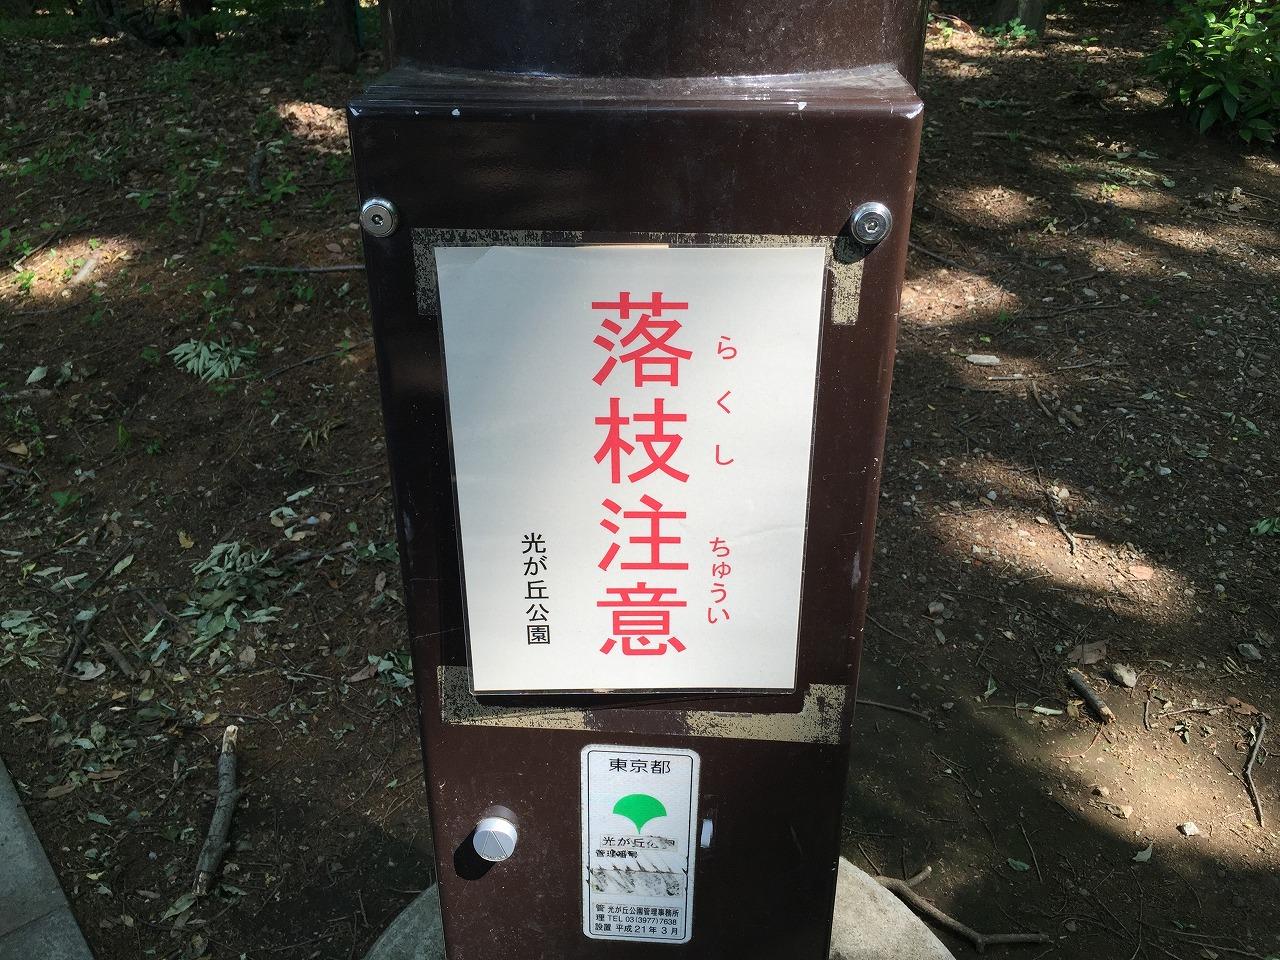 20160507_光が丘 (2)